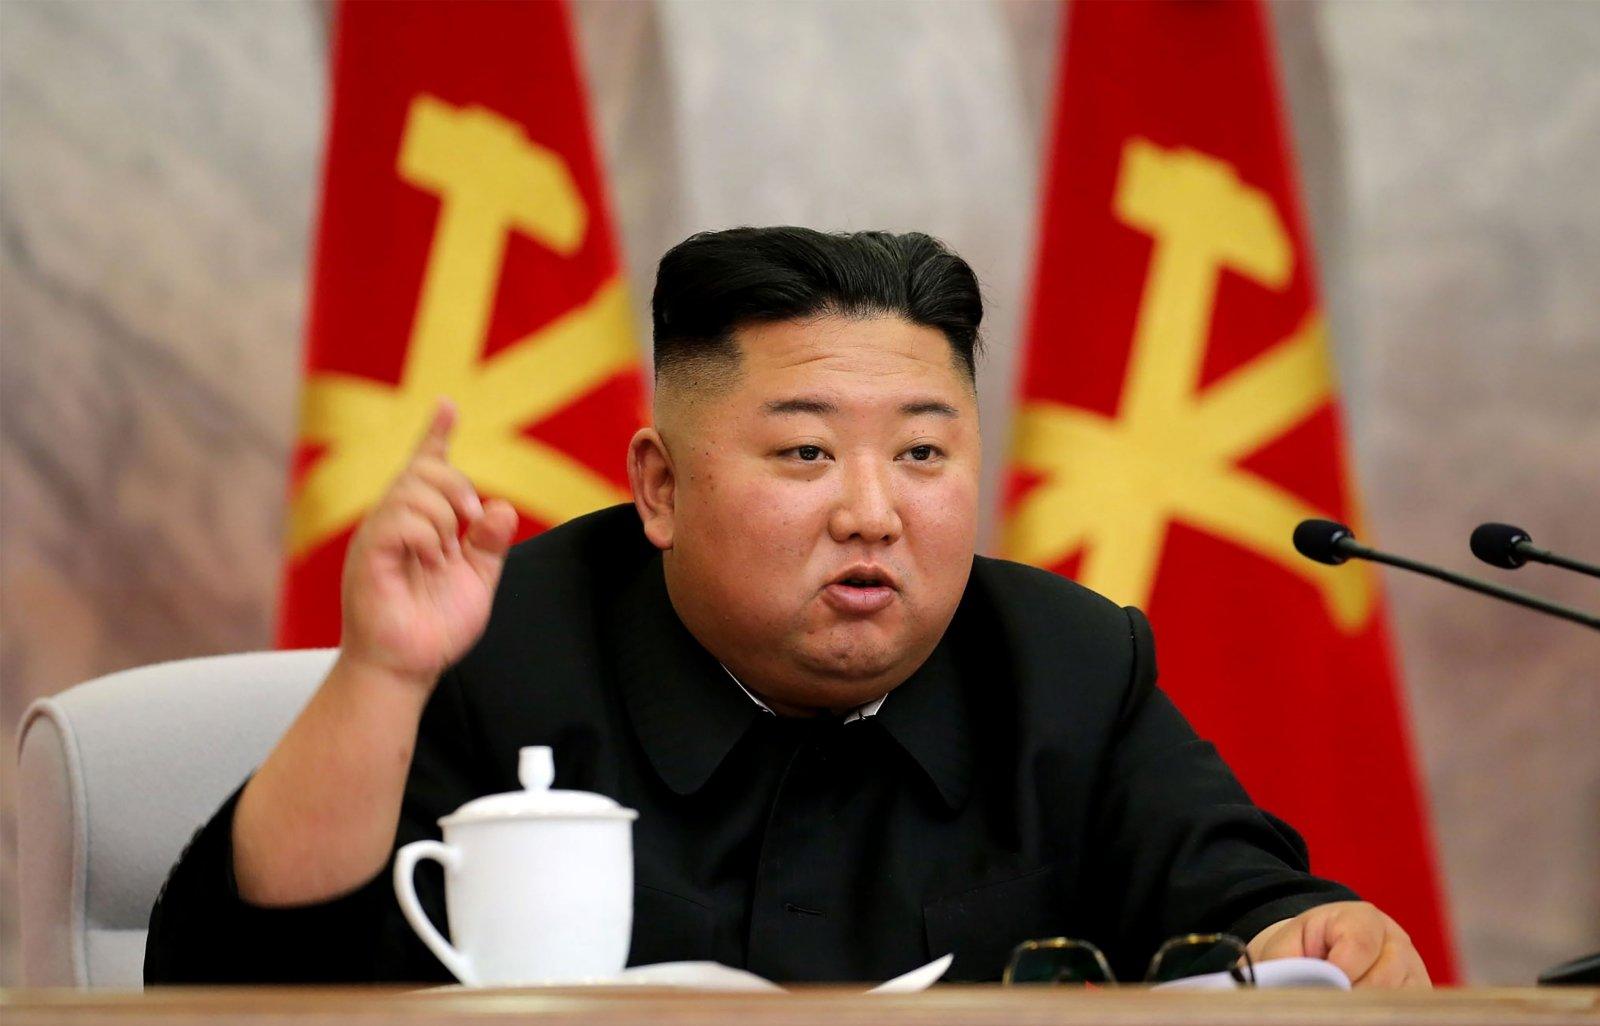 kodėl korėjiečiai turi mažą varpą